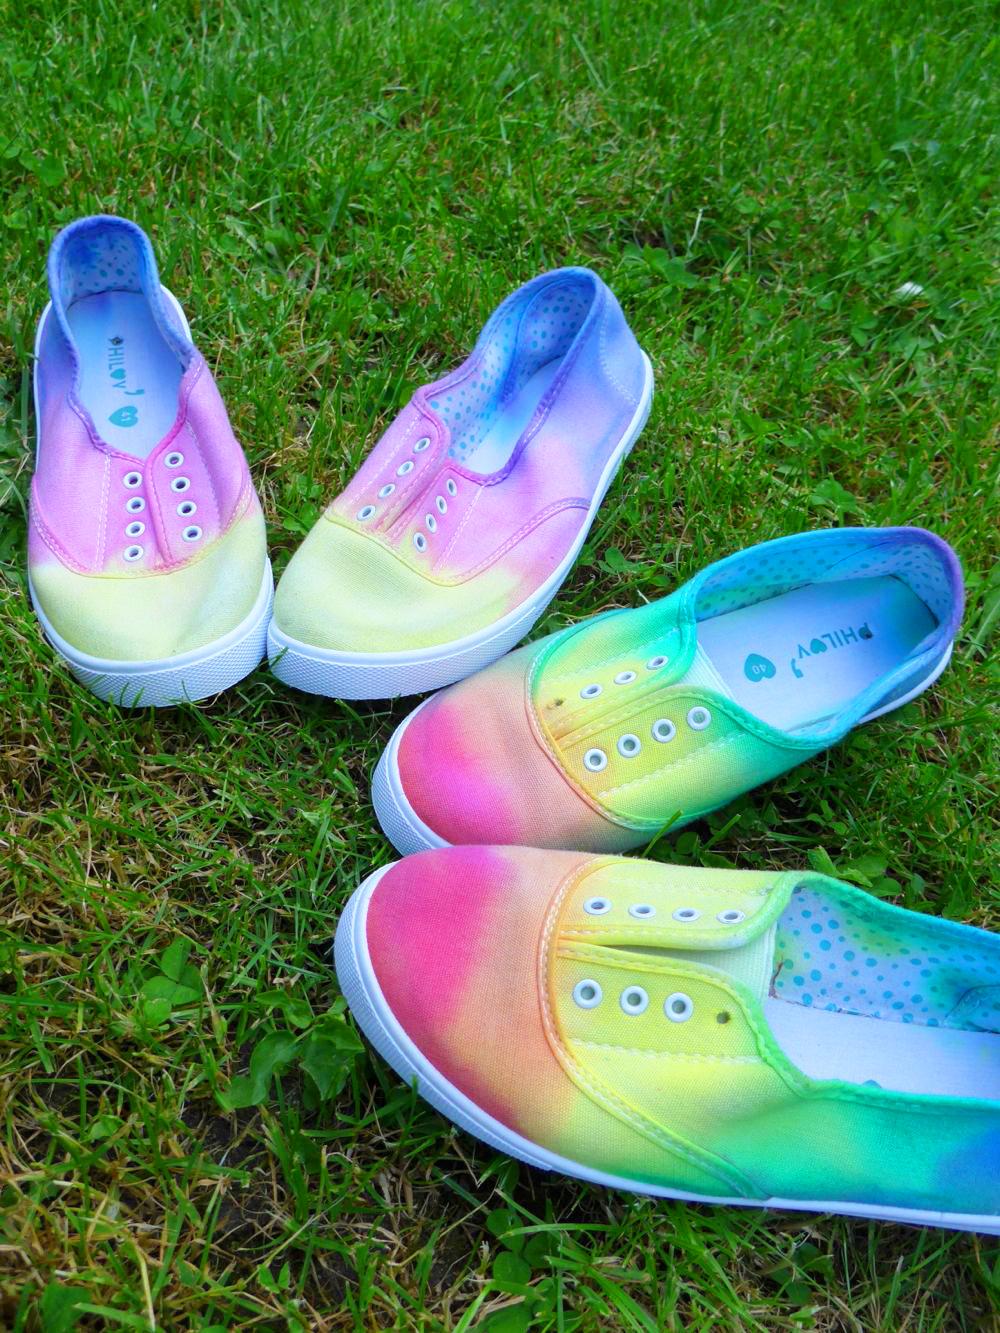 Comment teindre des chaussures en dégradé?